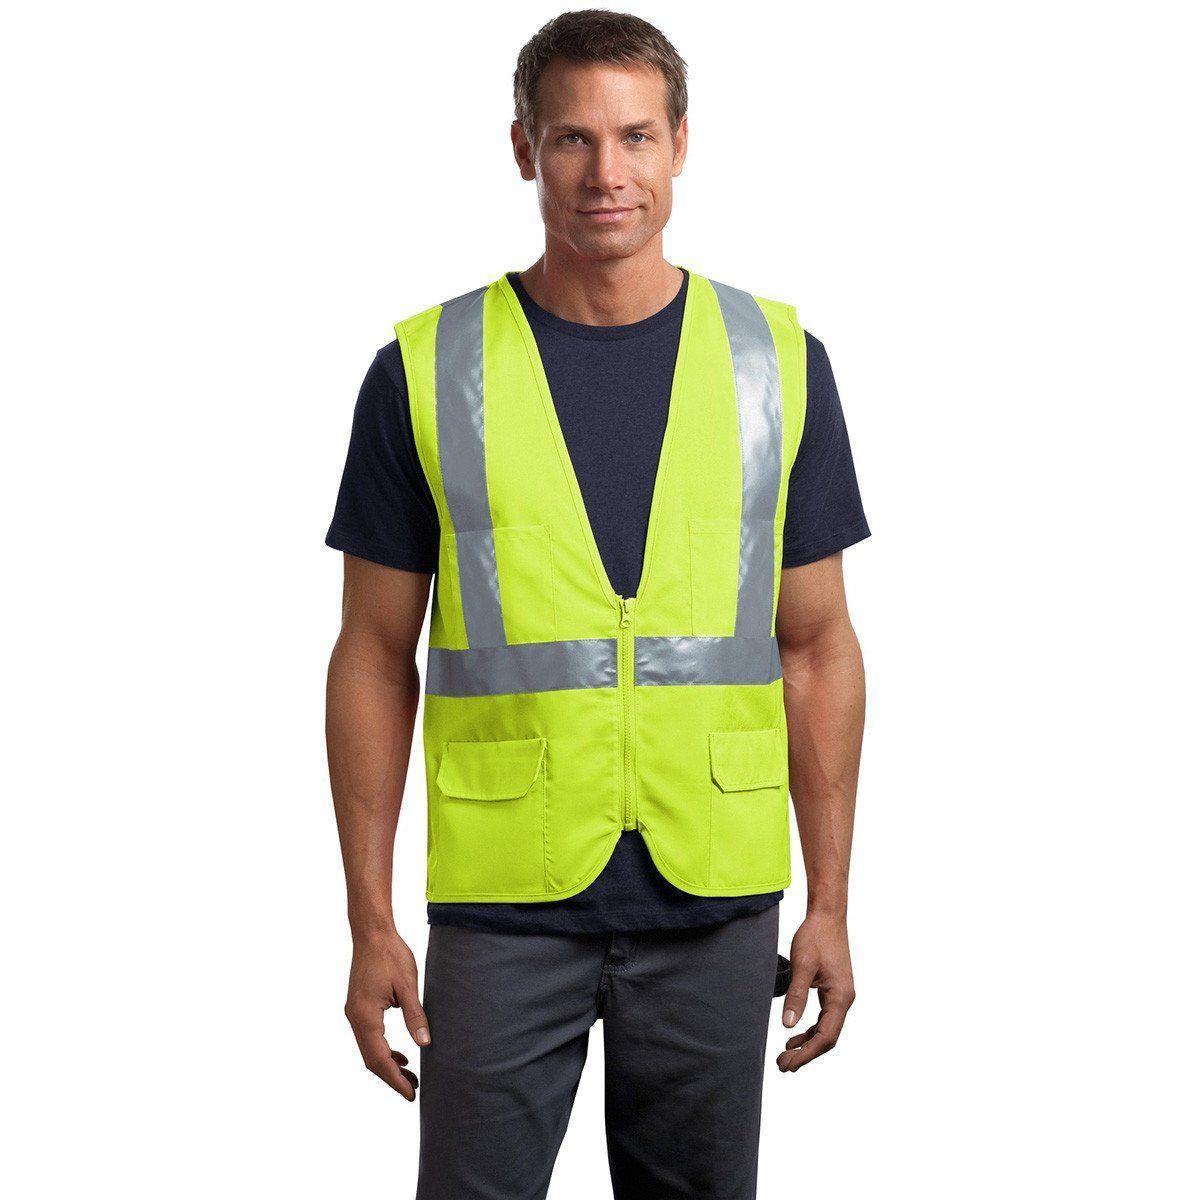 CornerStone Safety Yellow ANSI 107 Class 2 Mesh Back